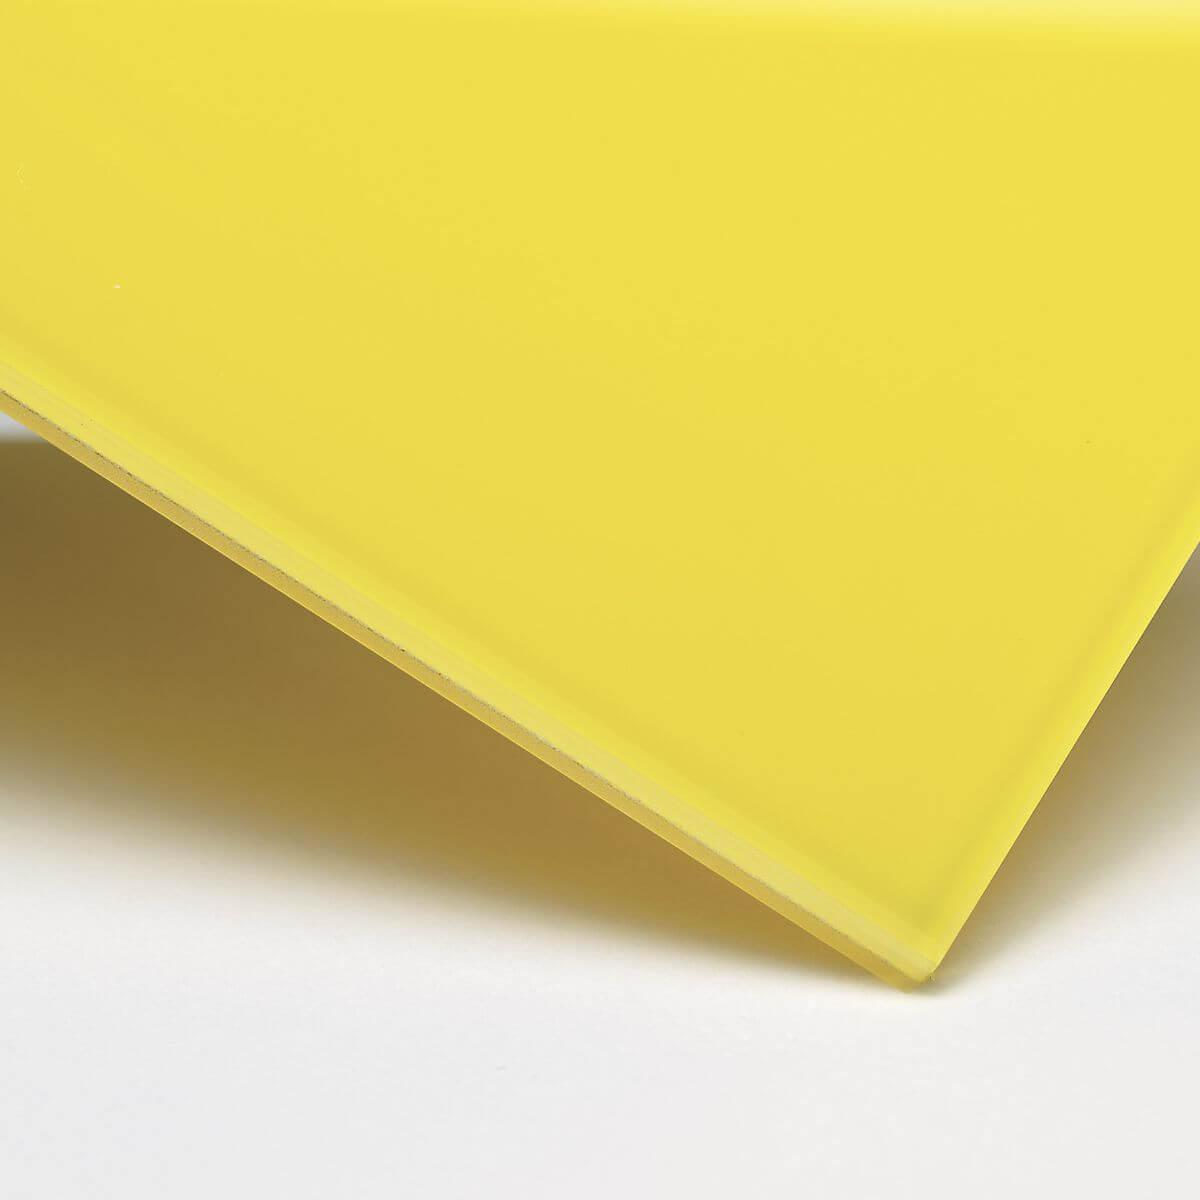 Finitura: Vetro con pellicola interna gialla coprente